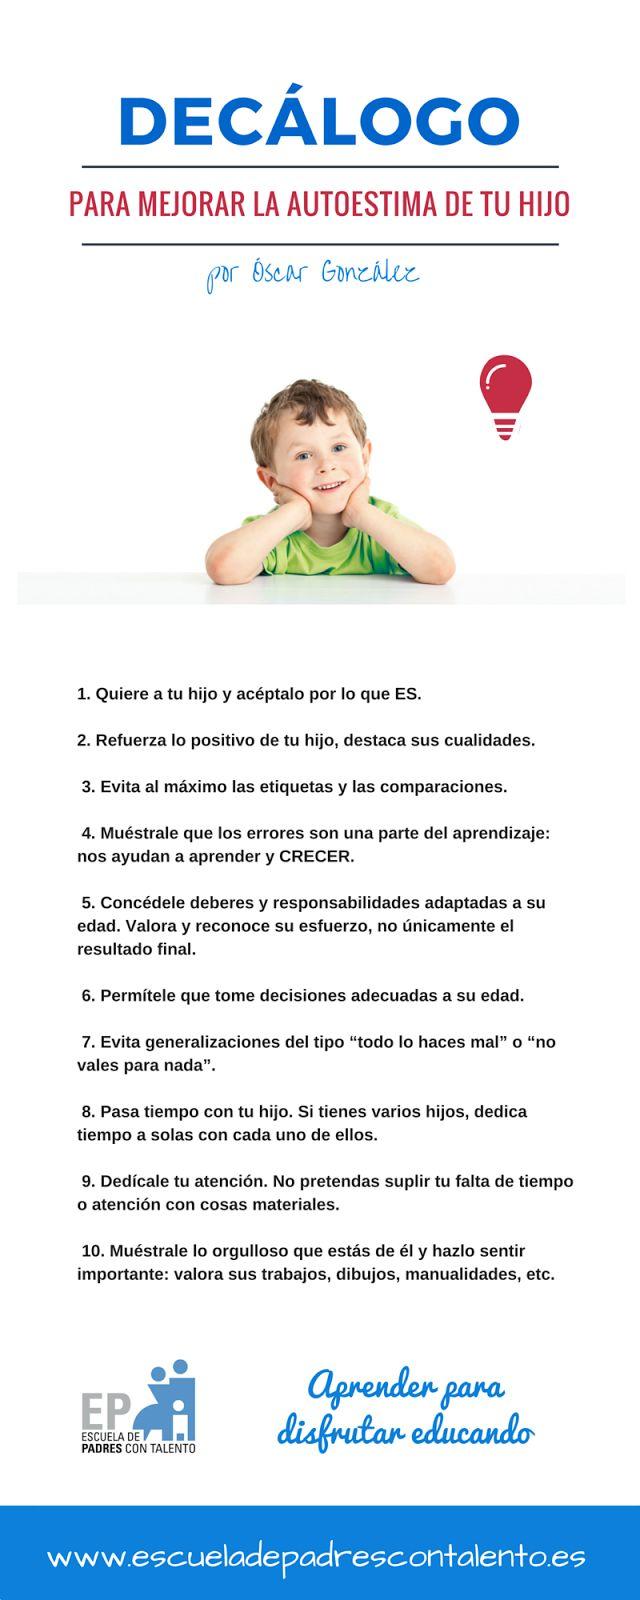 La autoestima es algo que se aprende y que podemos mejorar .  Alrededor de los 5-6 años el niño empieza a formarse un concepto de cómo le v...